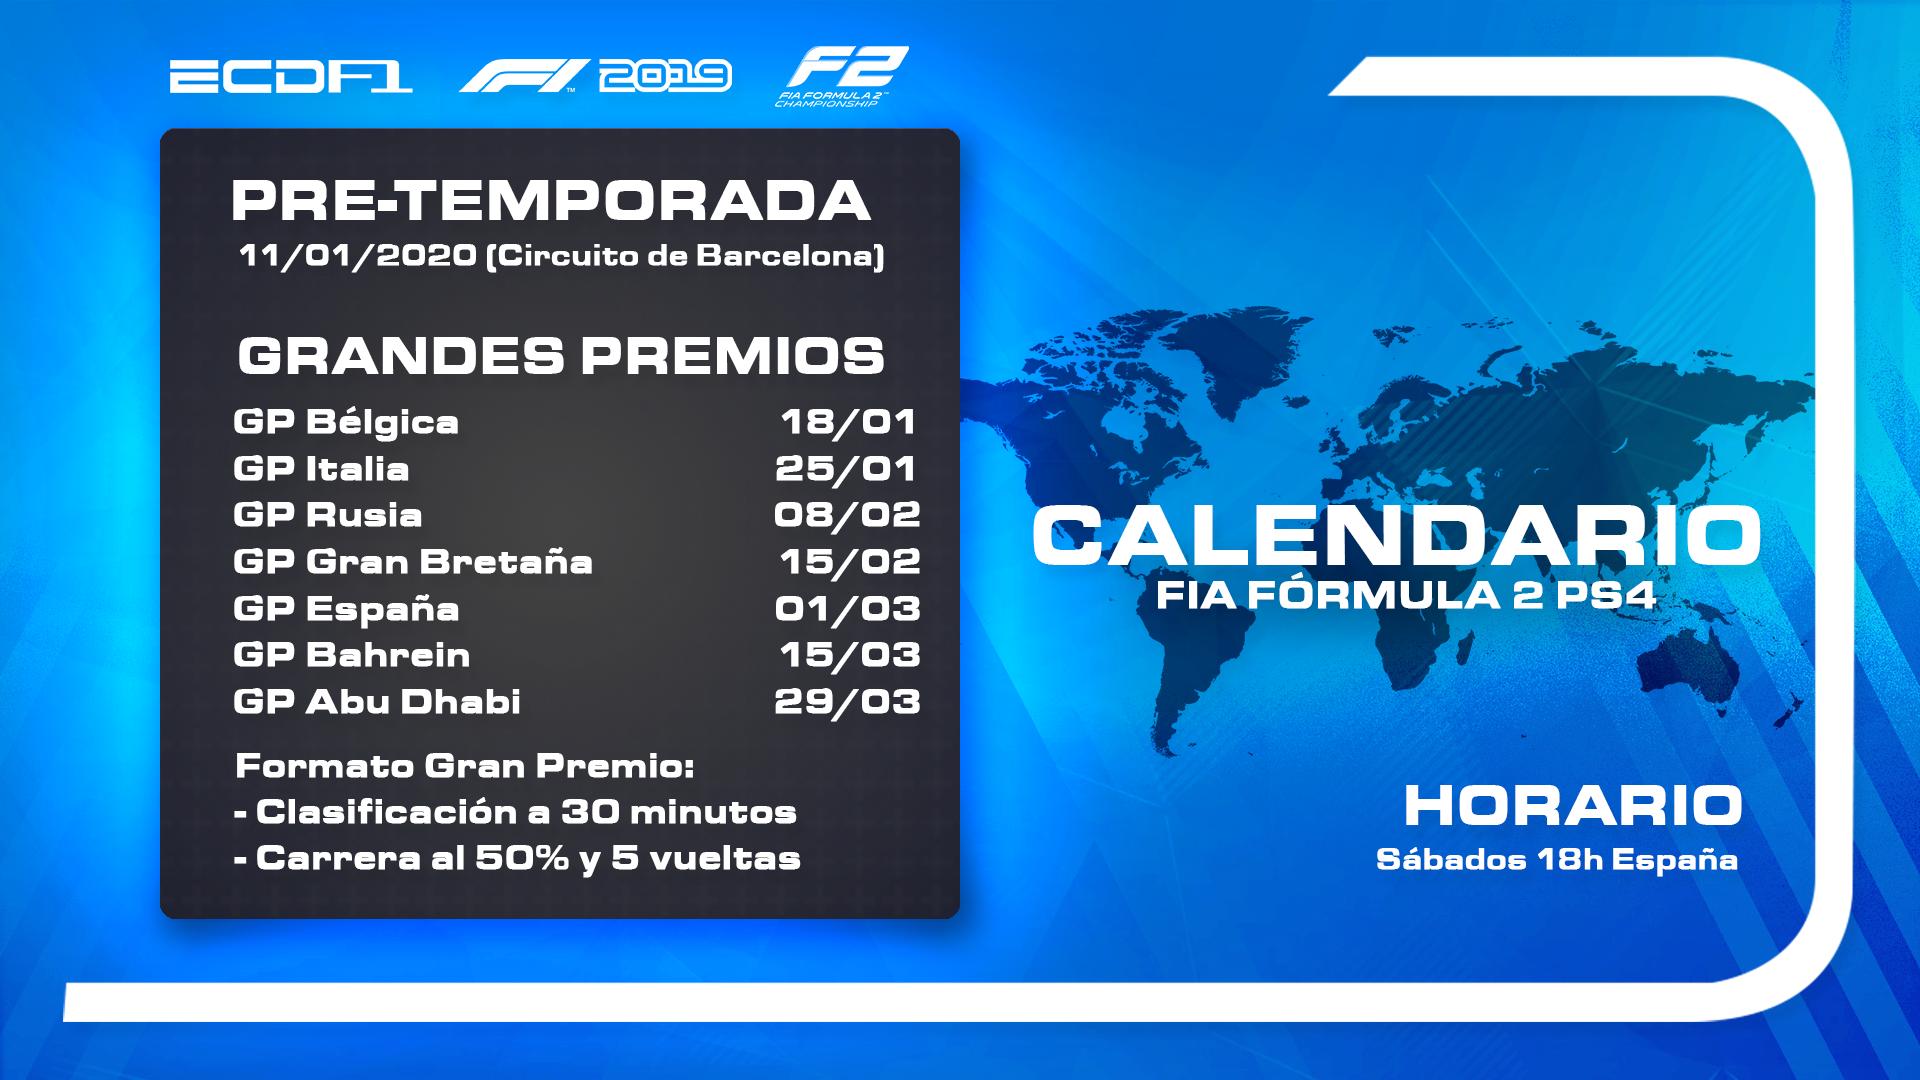 [F2/F3 PS4] Ampliaciones en los calendarios Calendario-F2